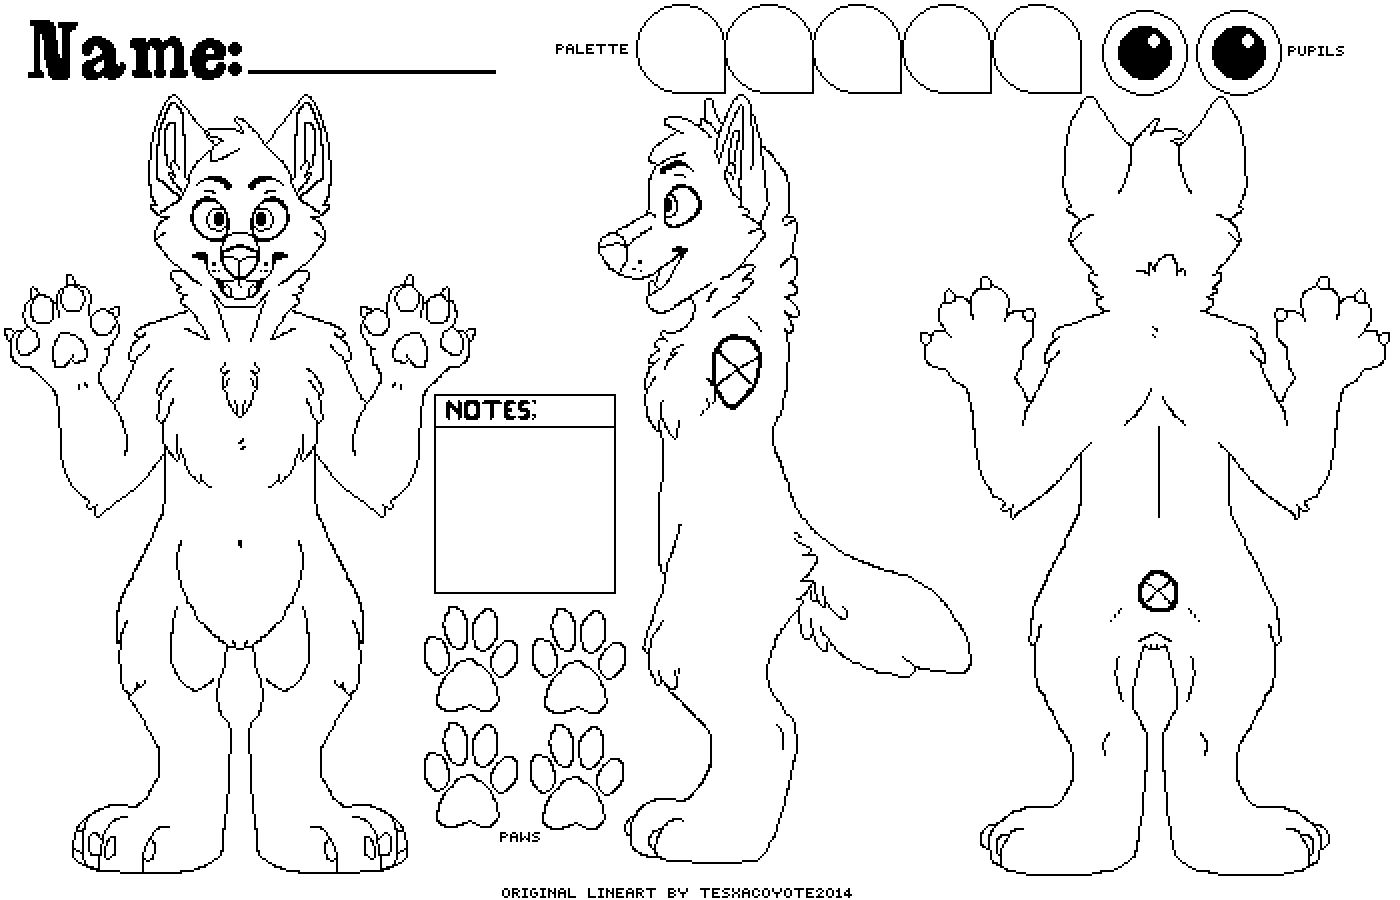 vector download Pixilart